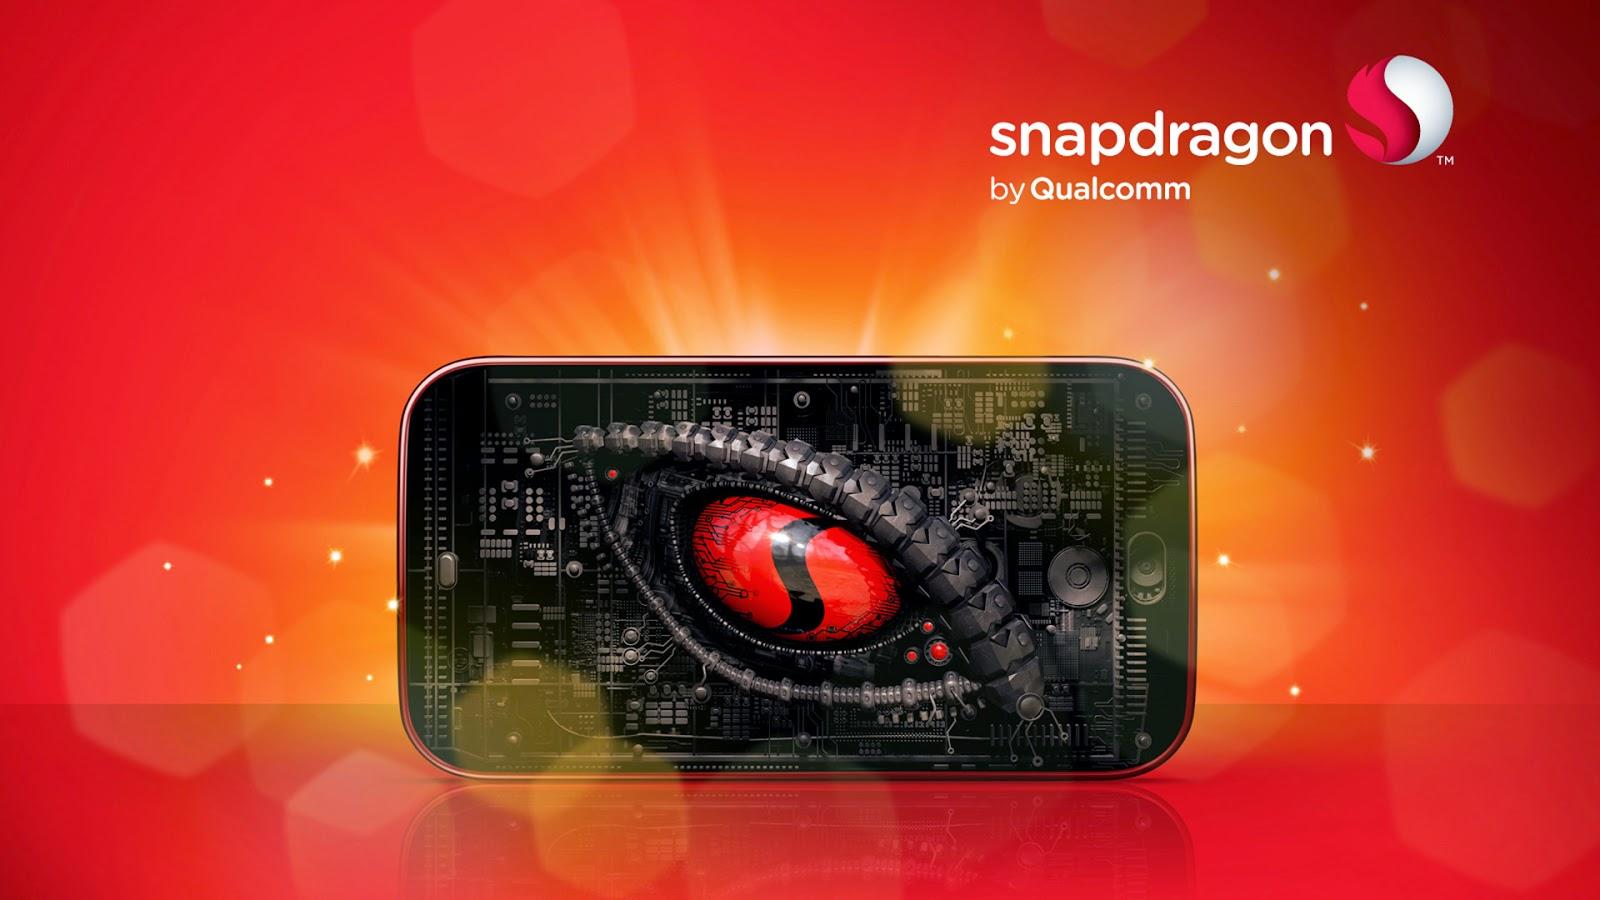 CES 2017'de Tanıtılan Snapdragon 835'in Özellikleri 1